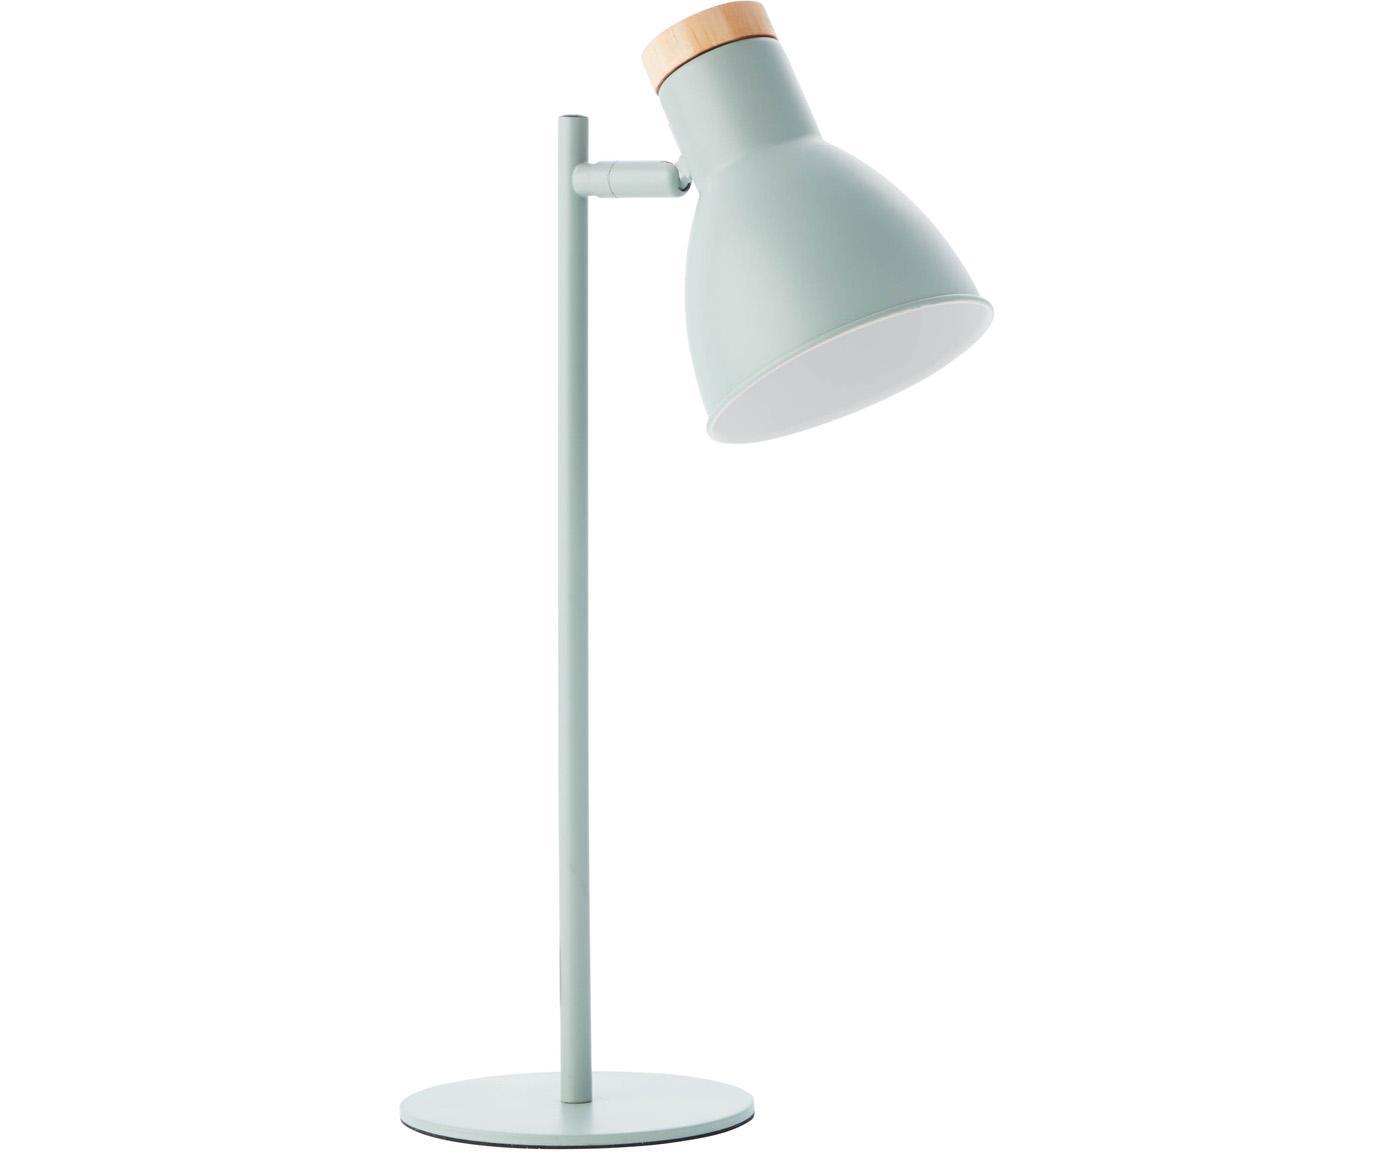 Schreibtischlampe Venea matt, Lampenschirm: Metall, Mintgrün, Holz, Ø 15 x H 47 cm